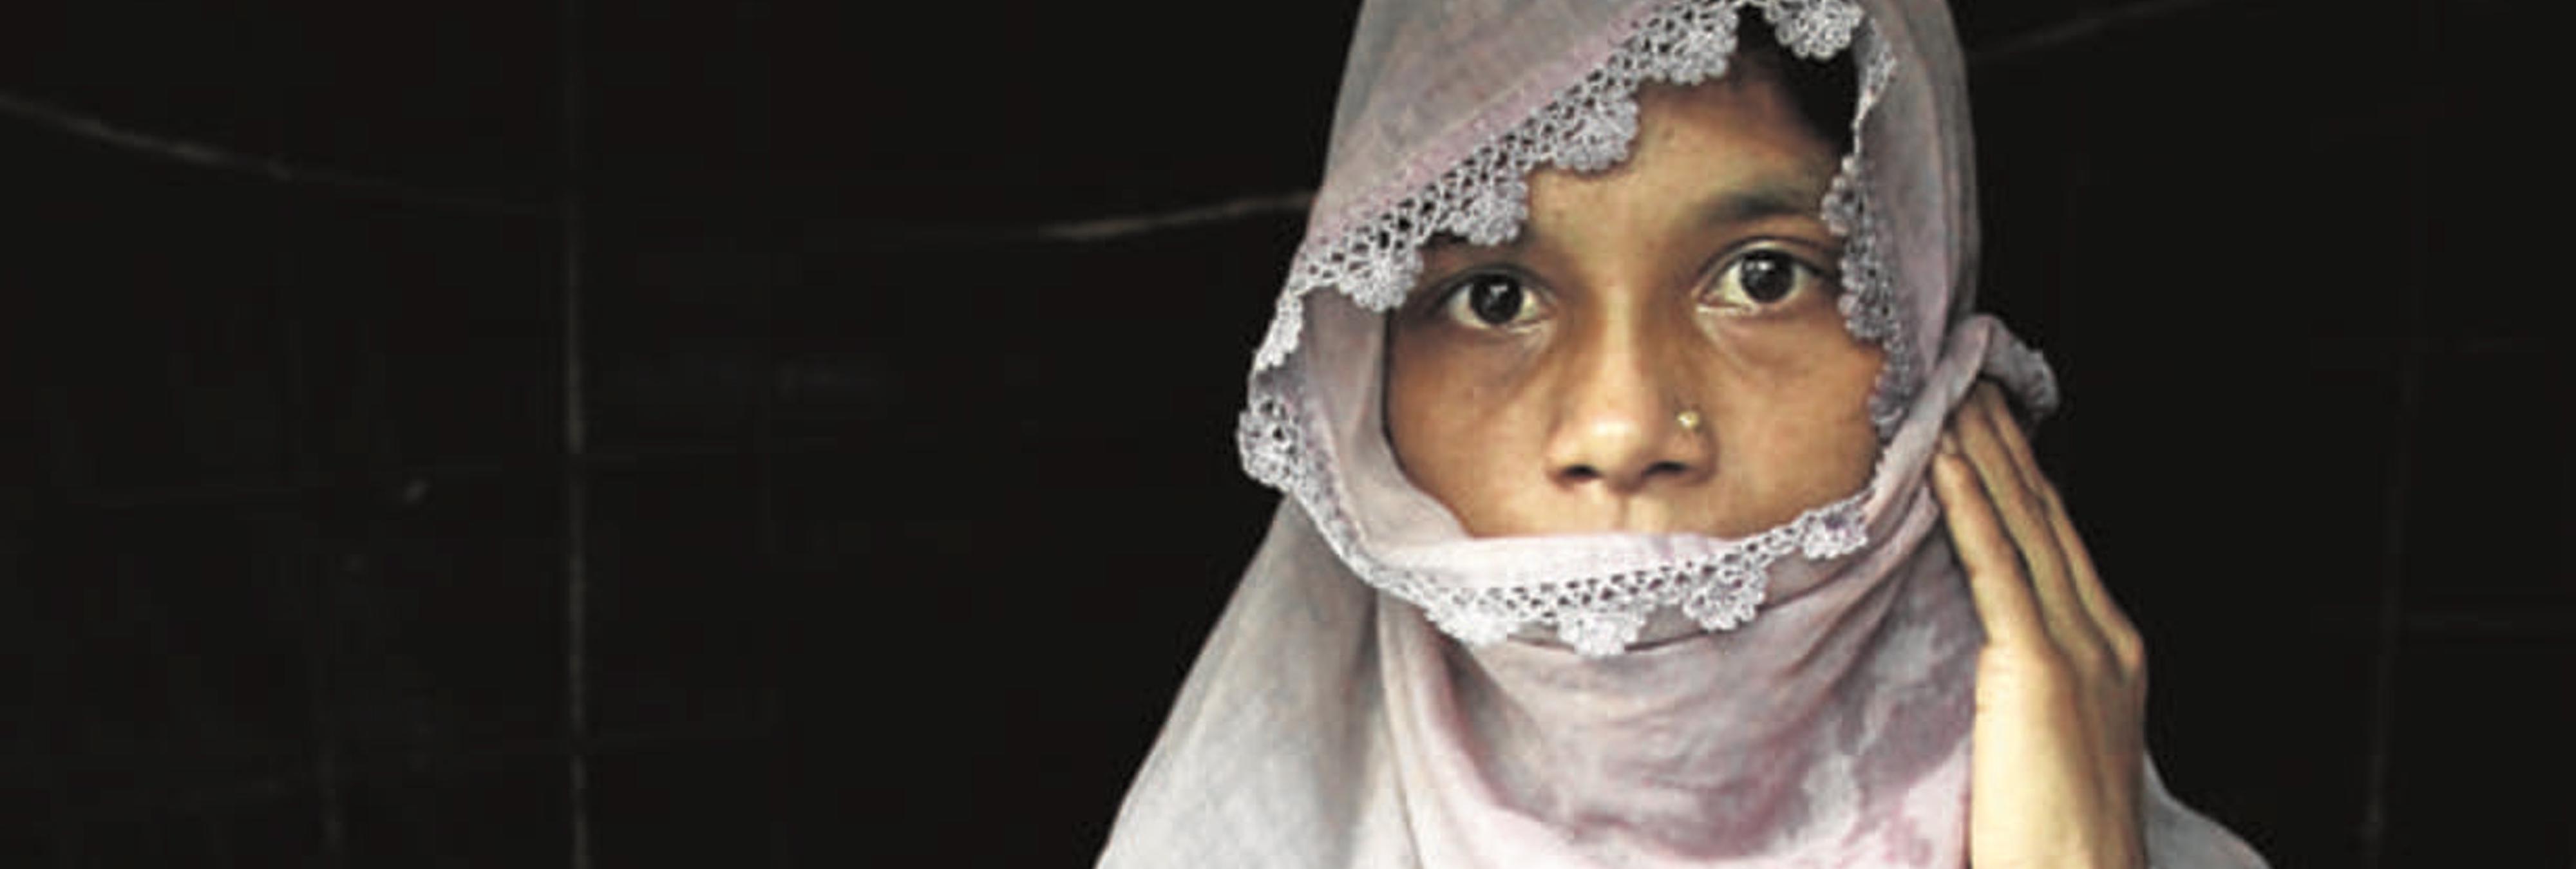 """El genocidio del que no se habla: """"Los birmanos tiraron mi bebé al fuego y me violaron"""""""